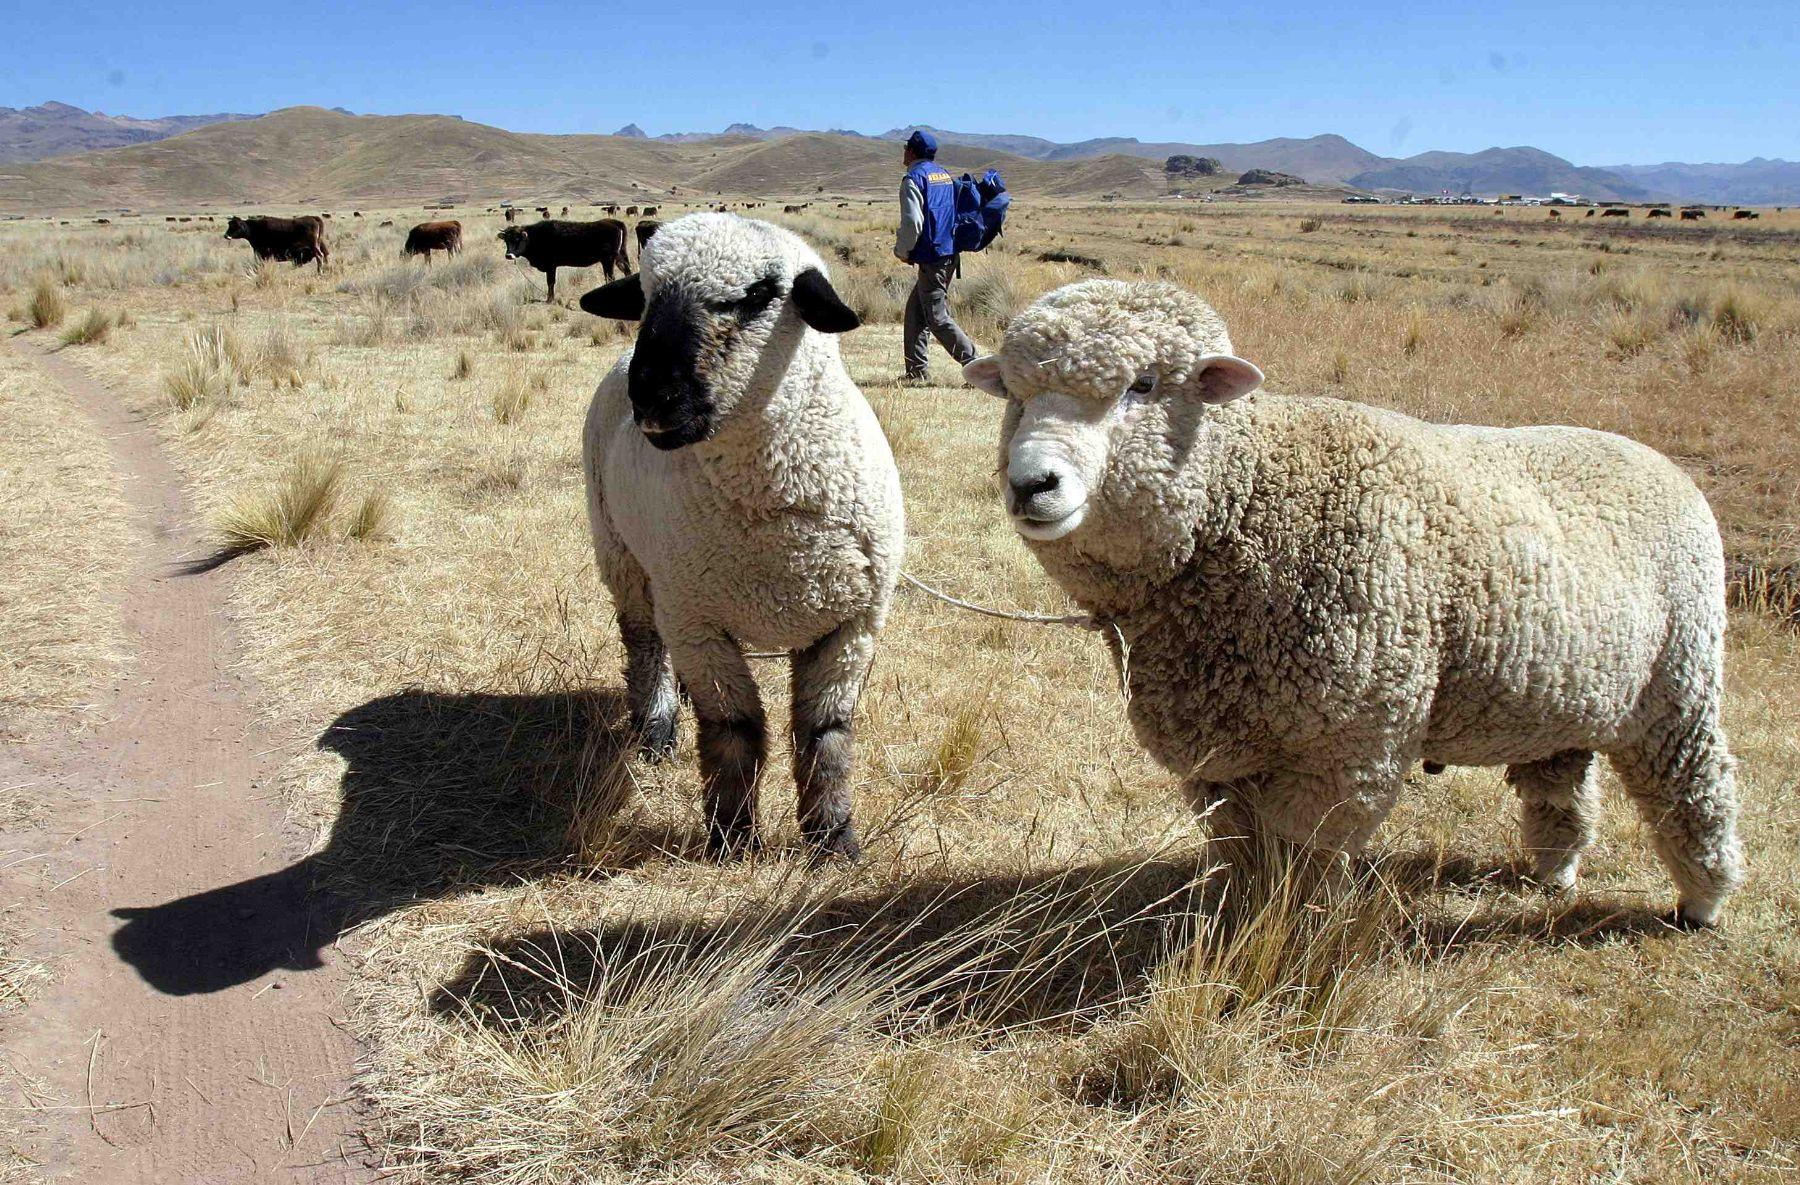 Proyecto Ovino Lechero busca mejorar la calidad de vida de los productores ganaderos de Puno.